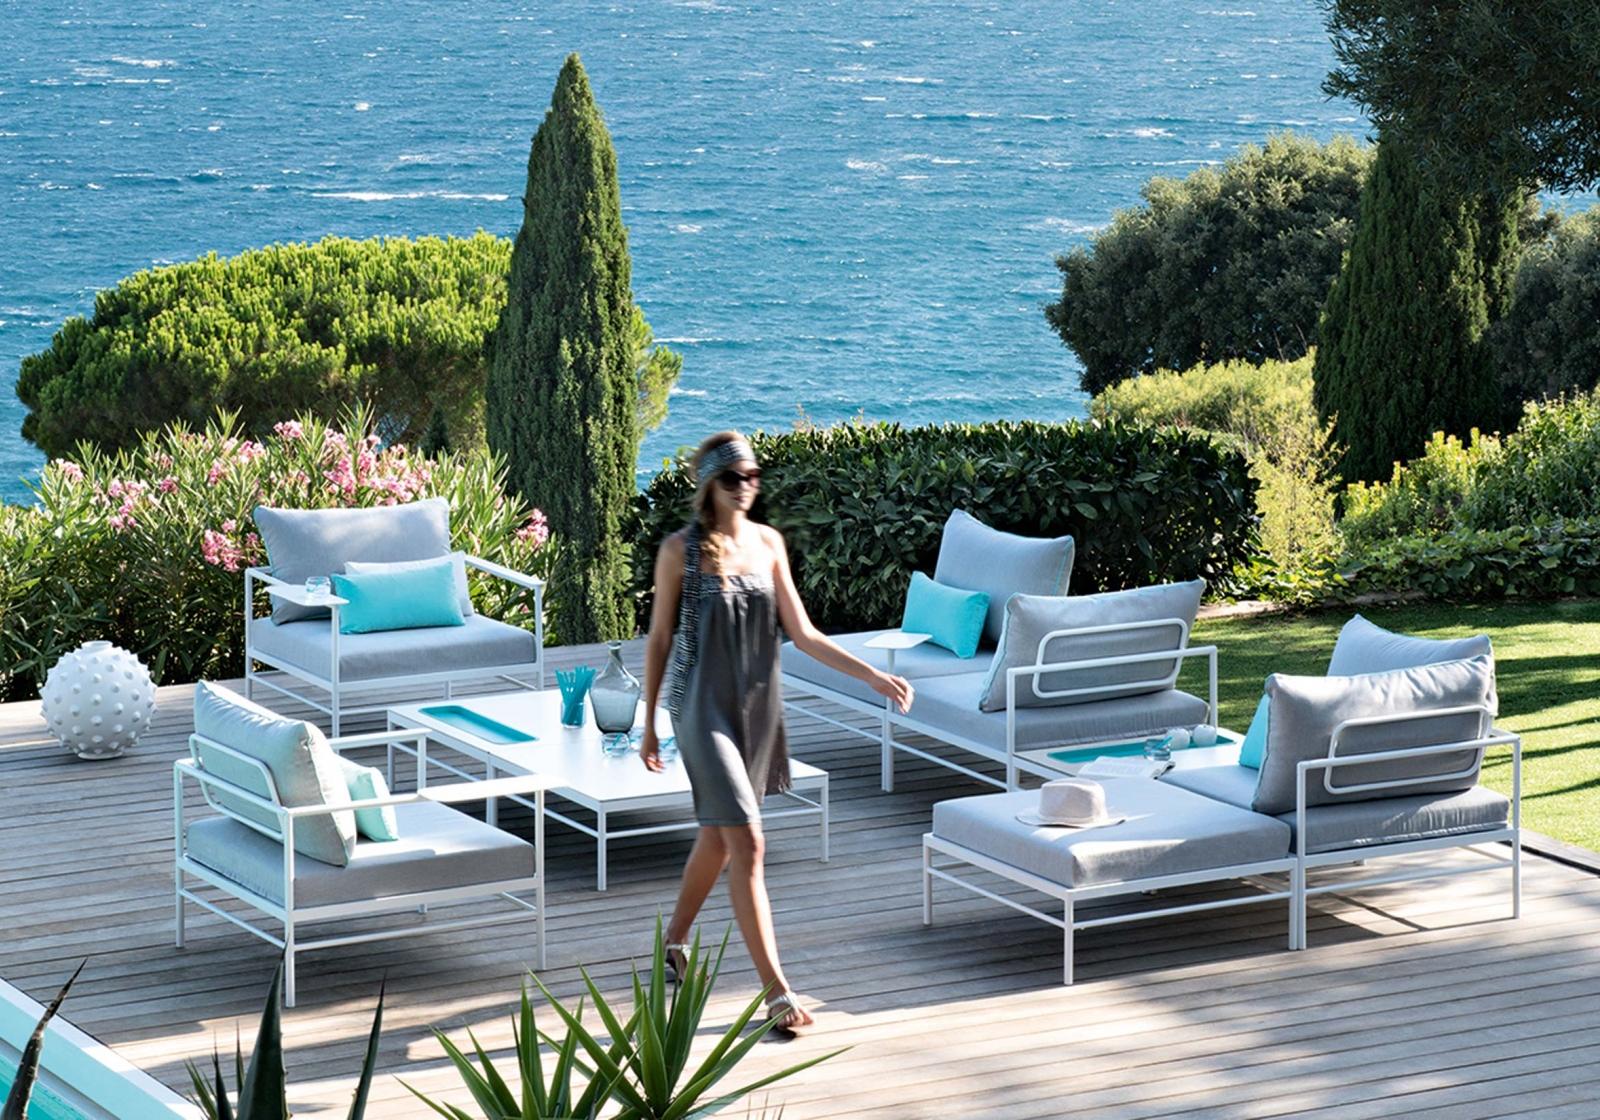 Mobilier de jardin fran ais vlaemynck lyon magasin de meubles design lyon ameublement et - Mobilier de jardin design ...